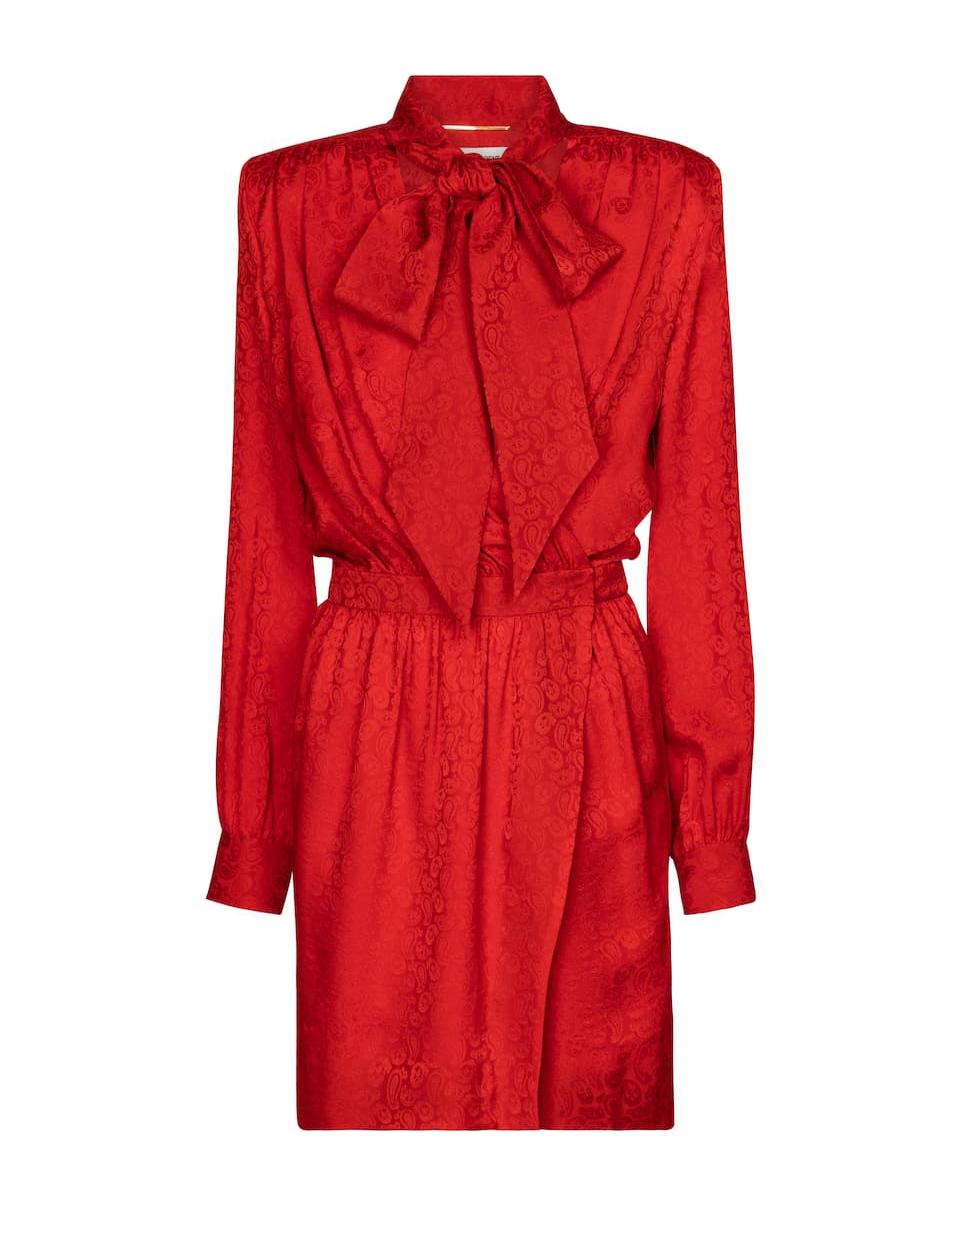 Vestido rojo de Saint Laurent.